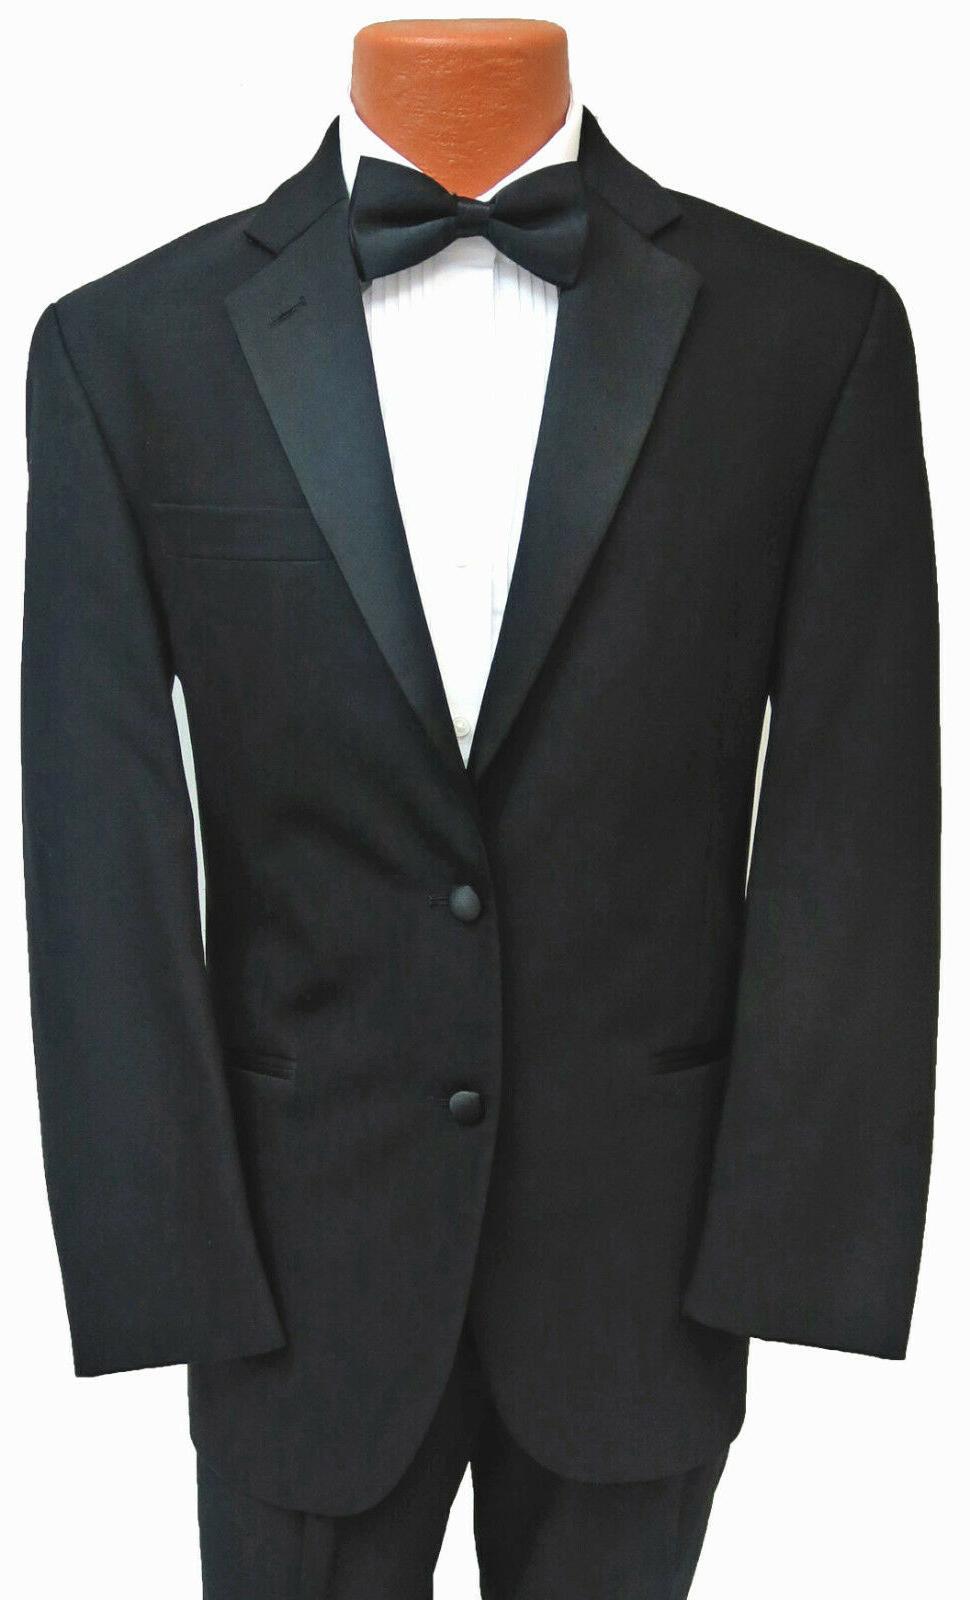 new mens black tuxedo jacket with flat